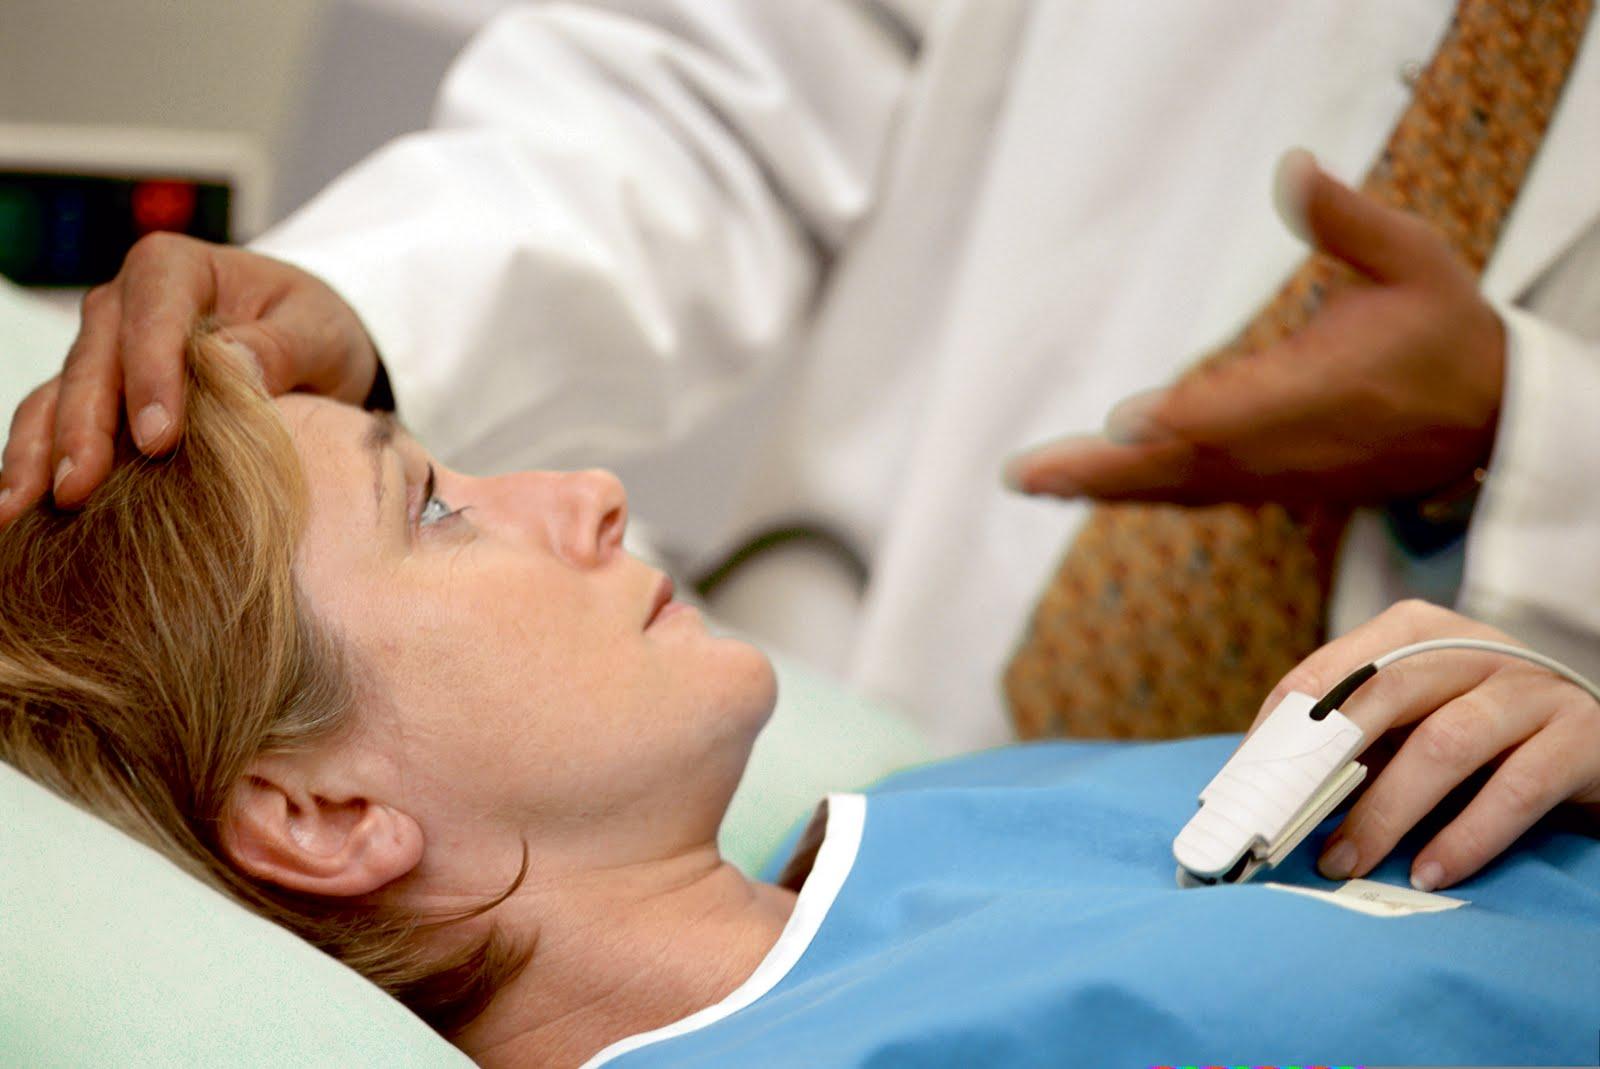 Лучевая терапия польза. Лучевая терапия: побочные явления. Курс лучевой терапии: последствия